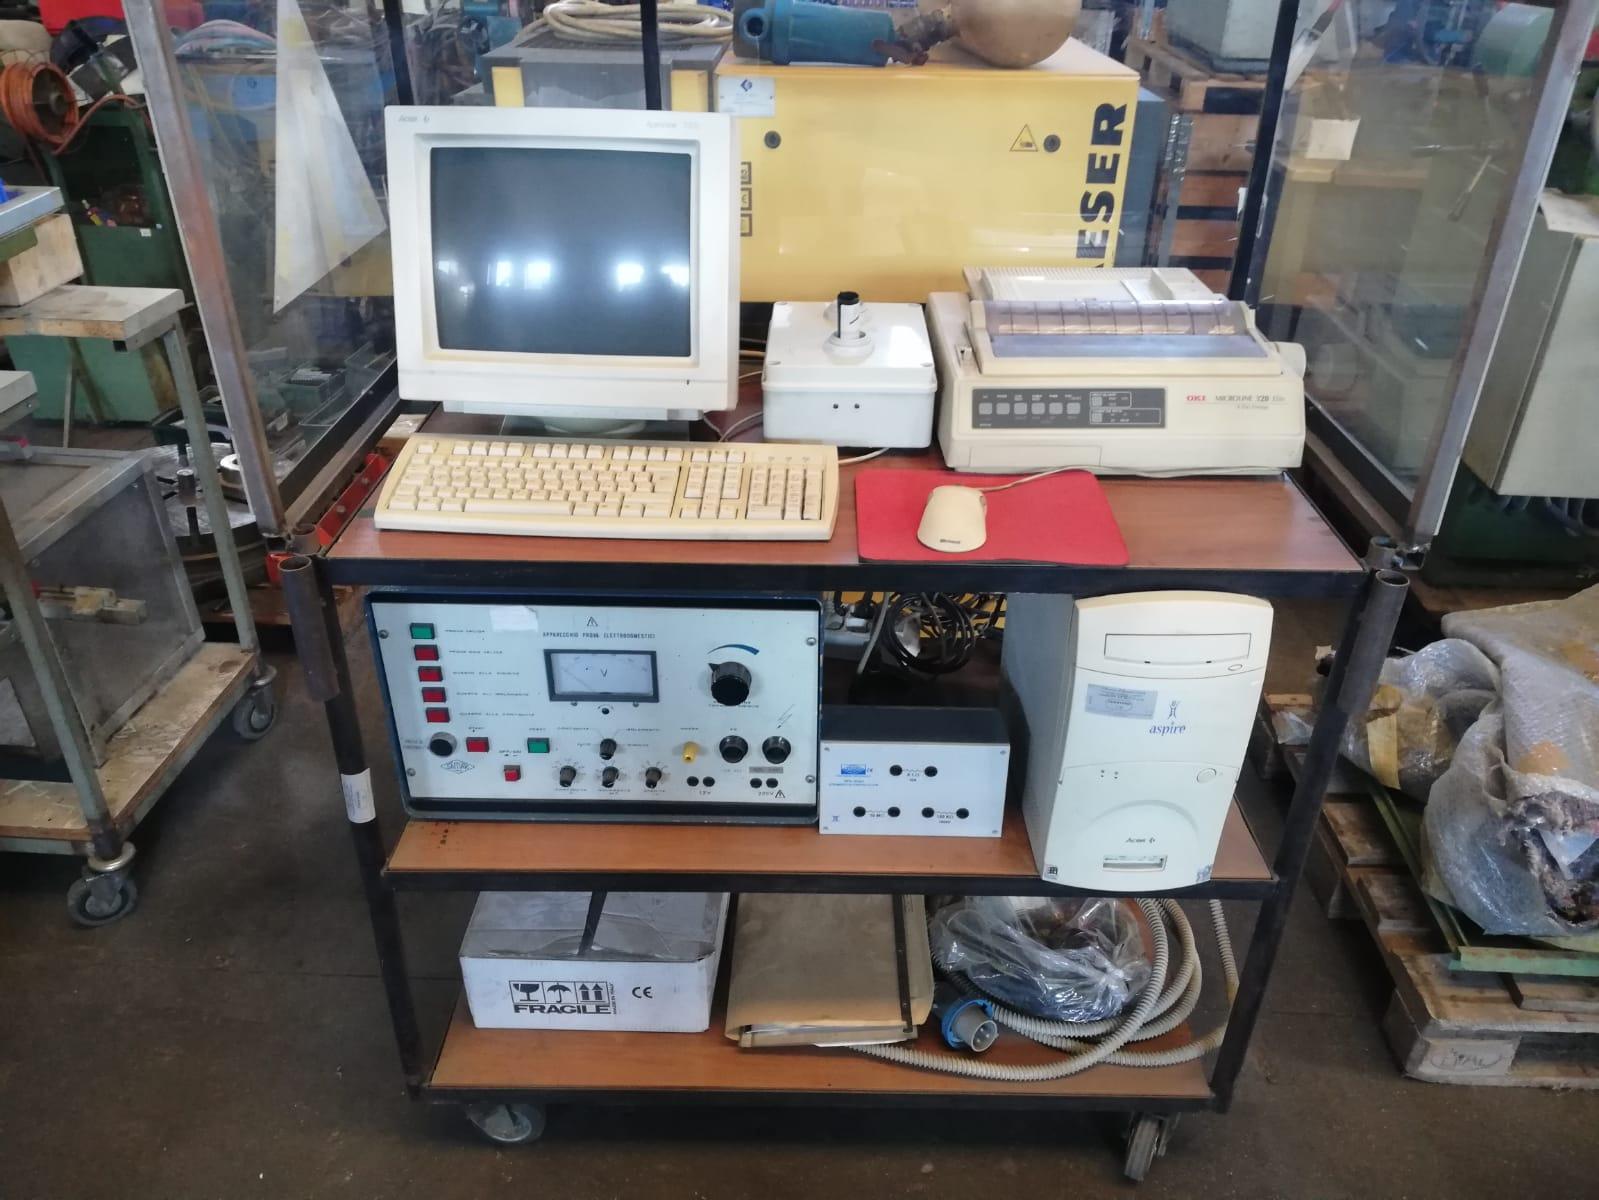 Appliance for testing household appliances + labeller